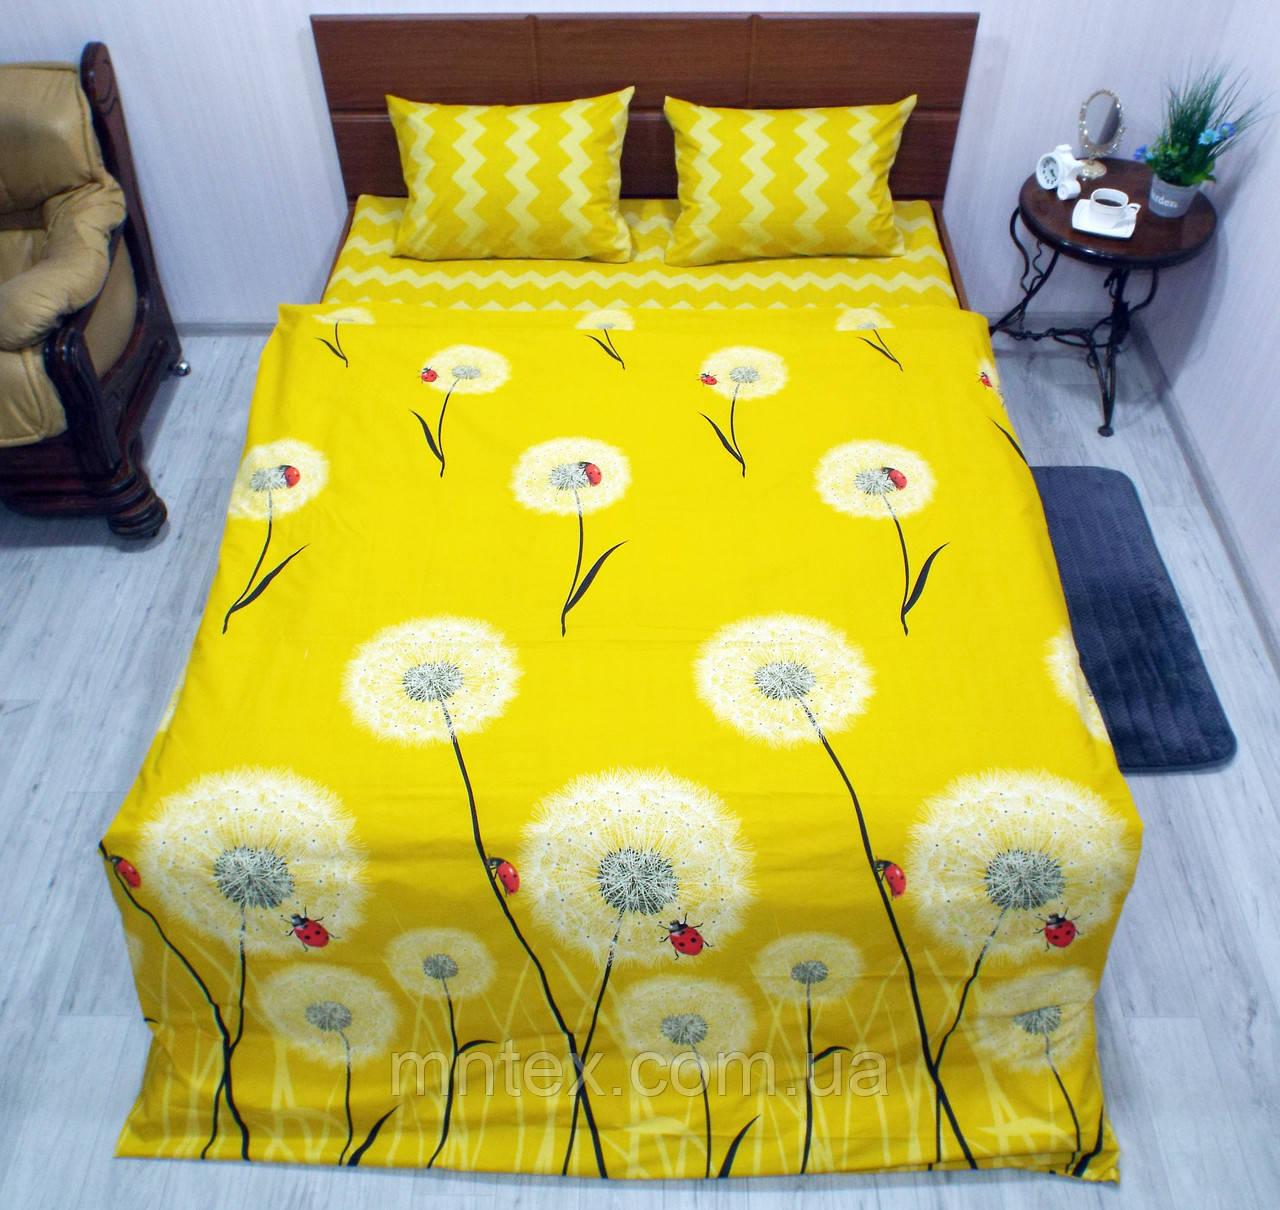 Комплект постільної білизни ранфорс Одувани на жовтому